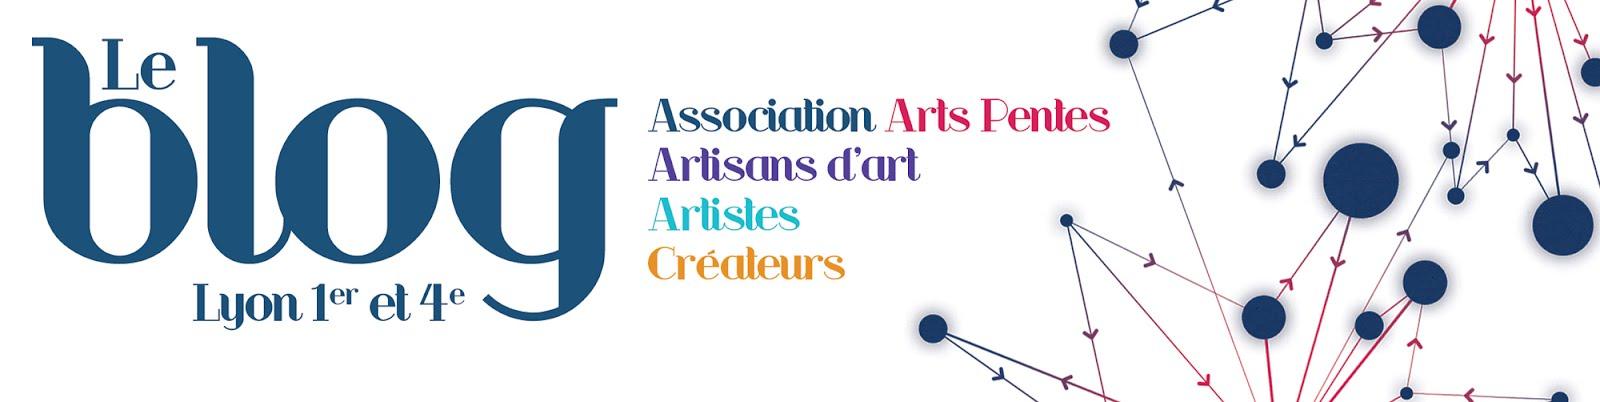 ARTS PENTES